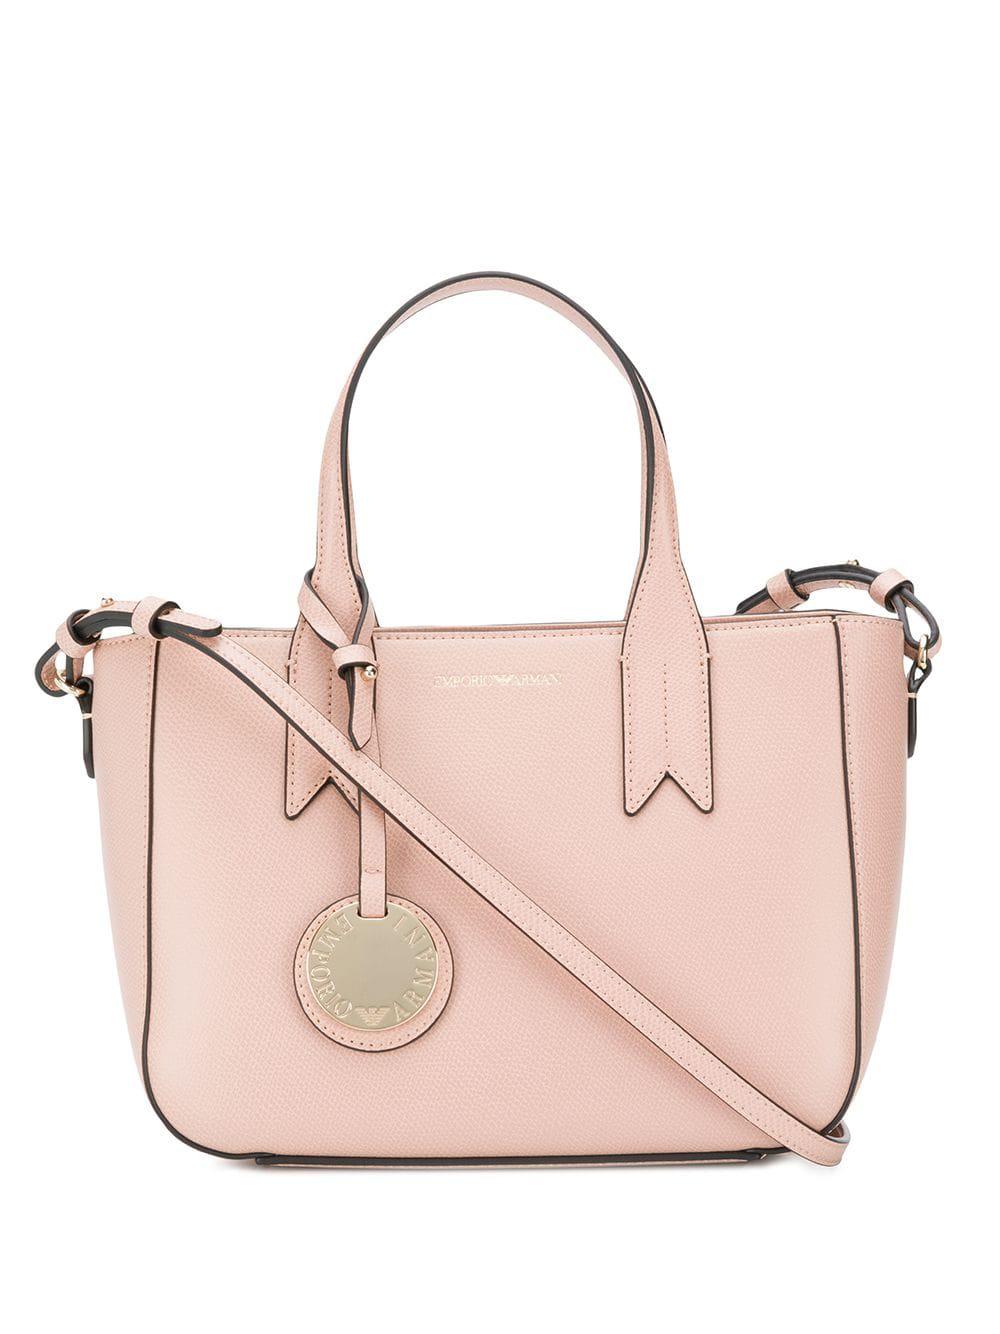 Emporio Armani Pink Leather Shoulder Bag  9f4d7d66bcde3